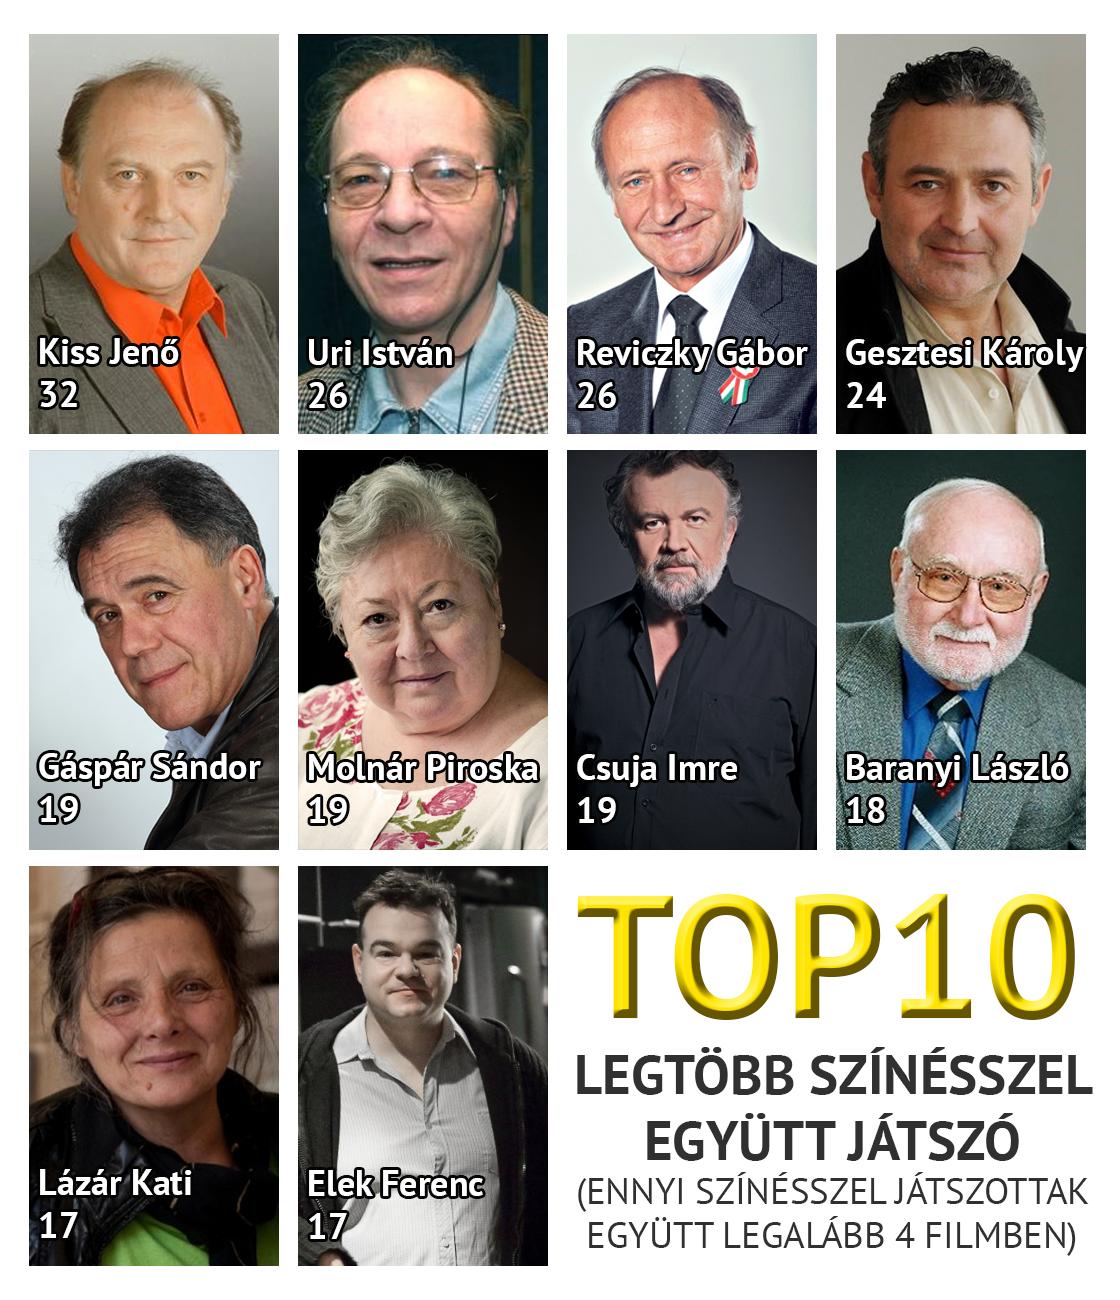 top10_egyuttjatszok.png